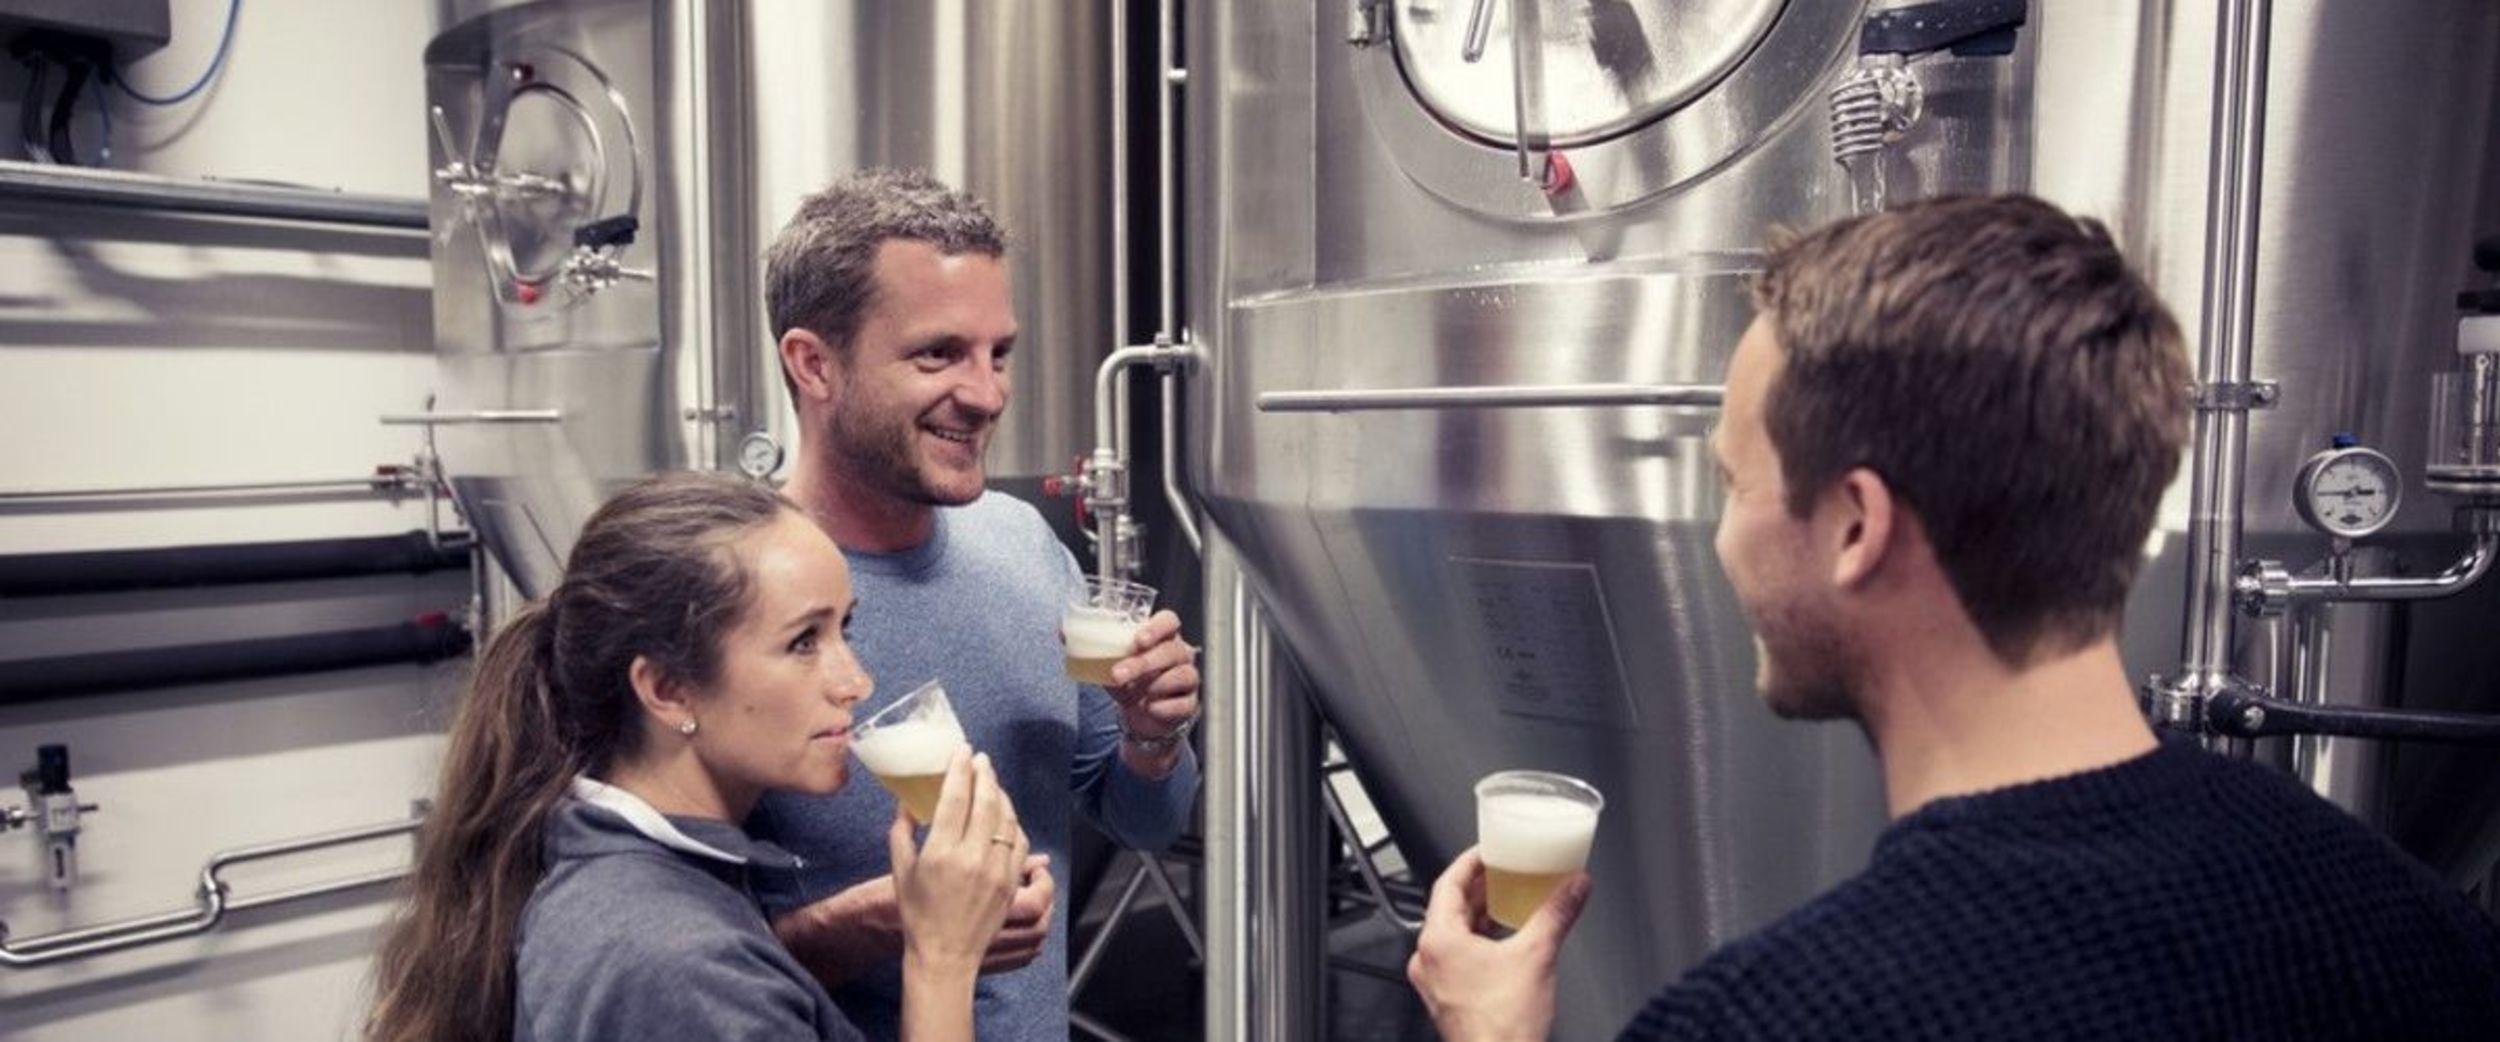 Tasting beer at Lofoten Brewery.